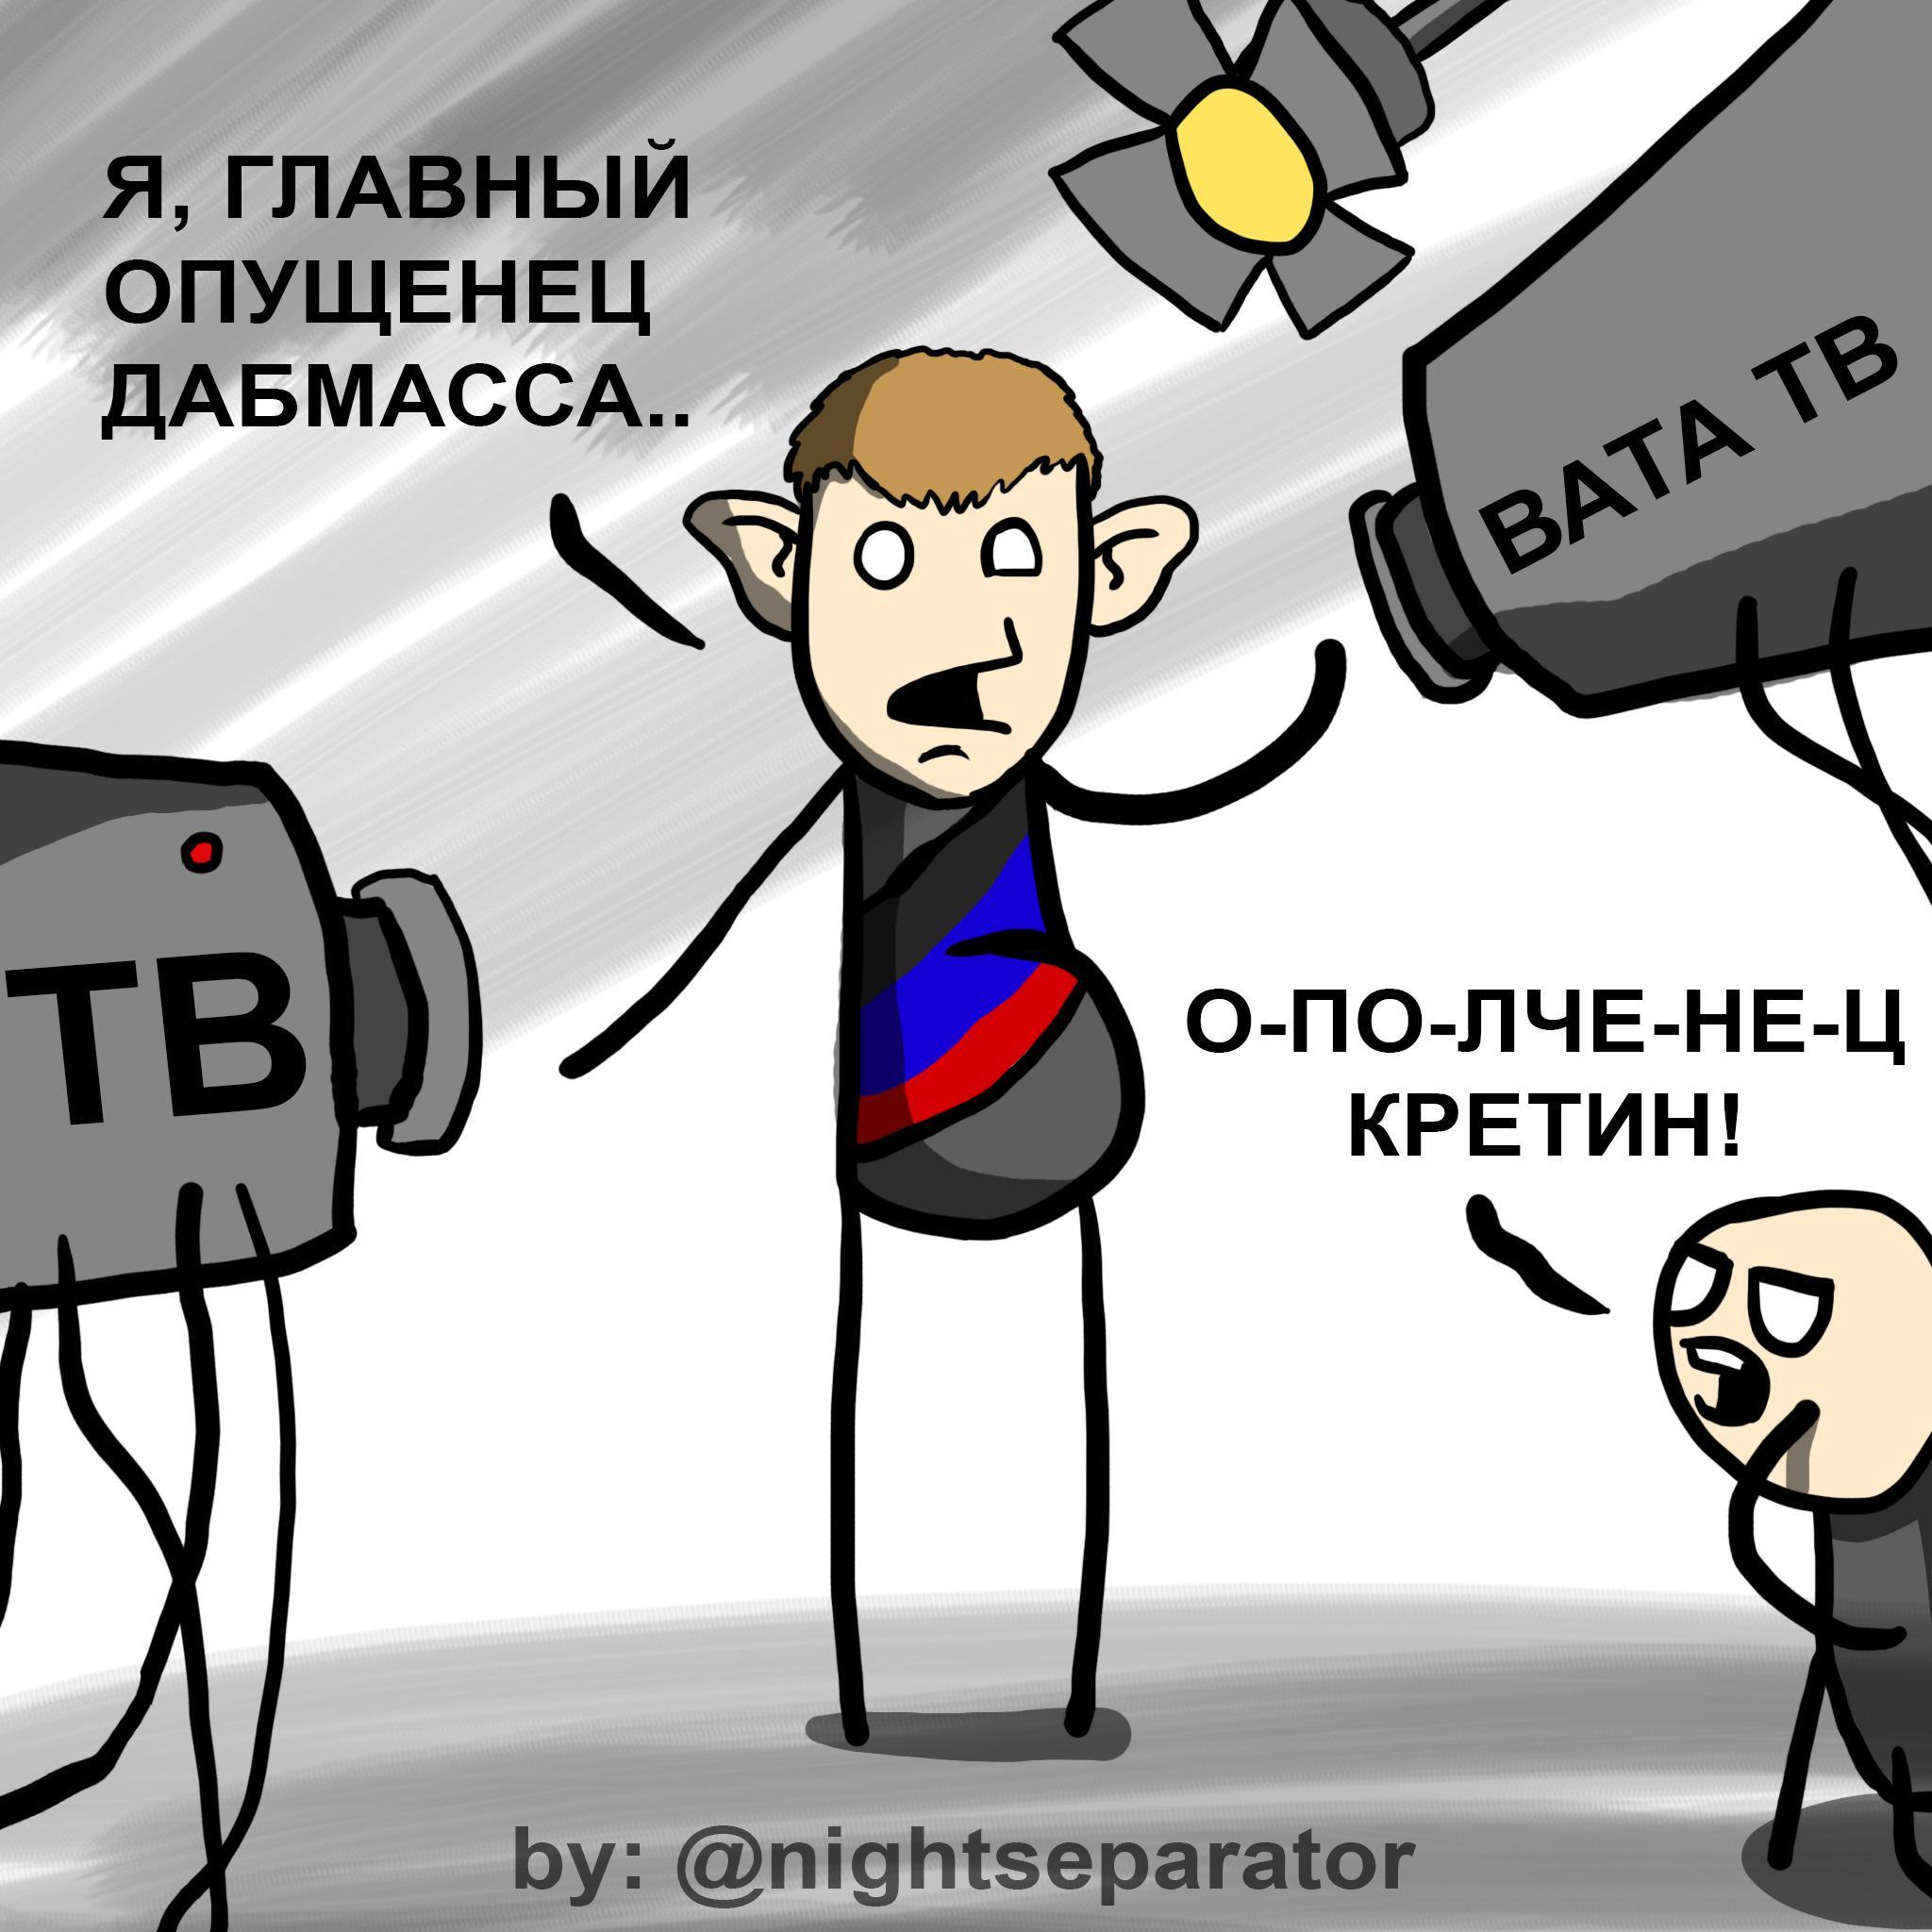 ОБСЕ расследует обстрел российскими террористами гражданского автобуса в Волновахе - Цензор.НЕТ 7809